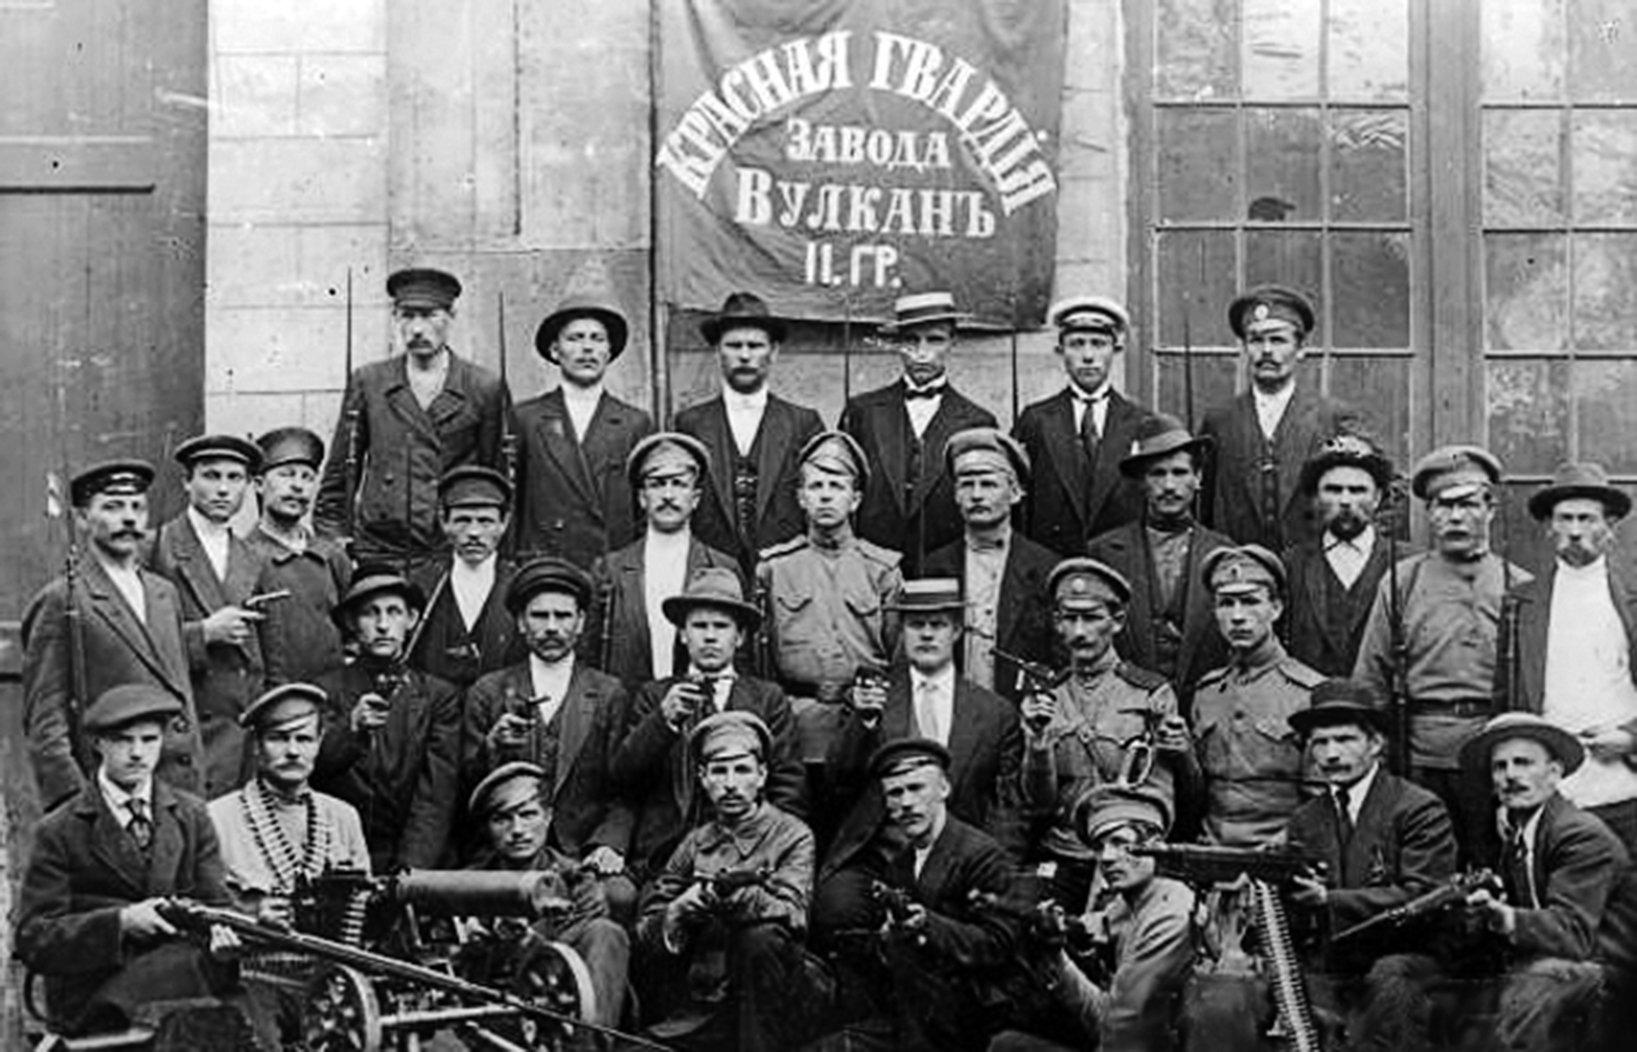 1917年伏爾加工廠的赤衛隊。